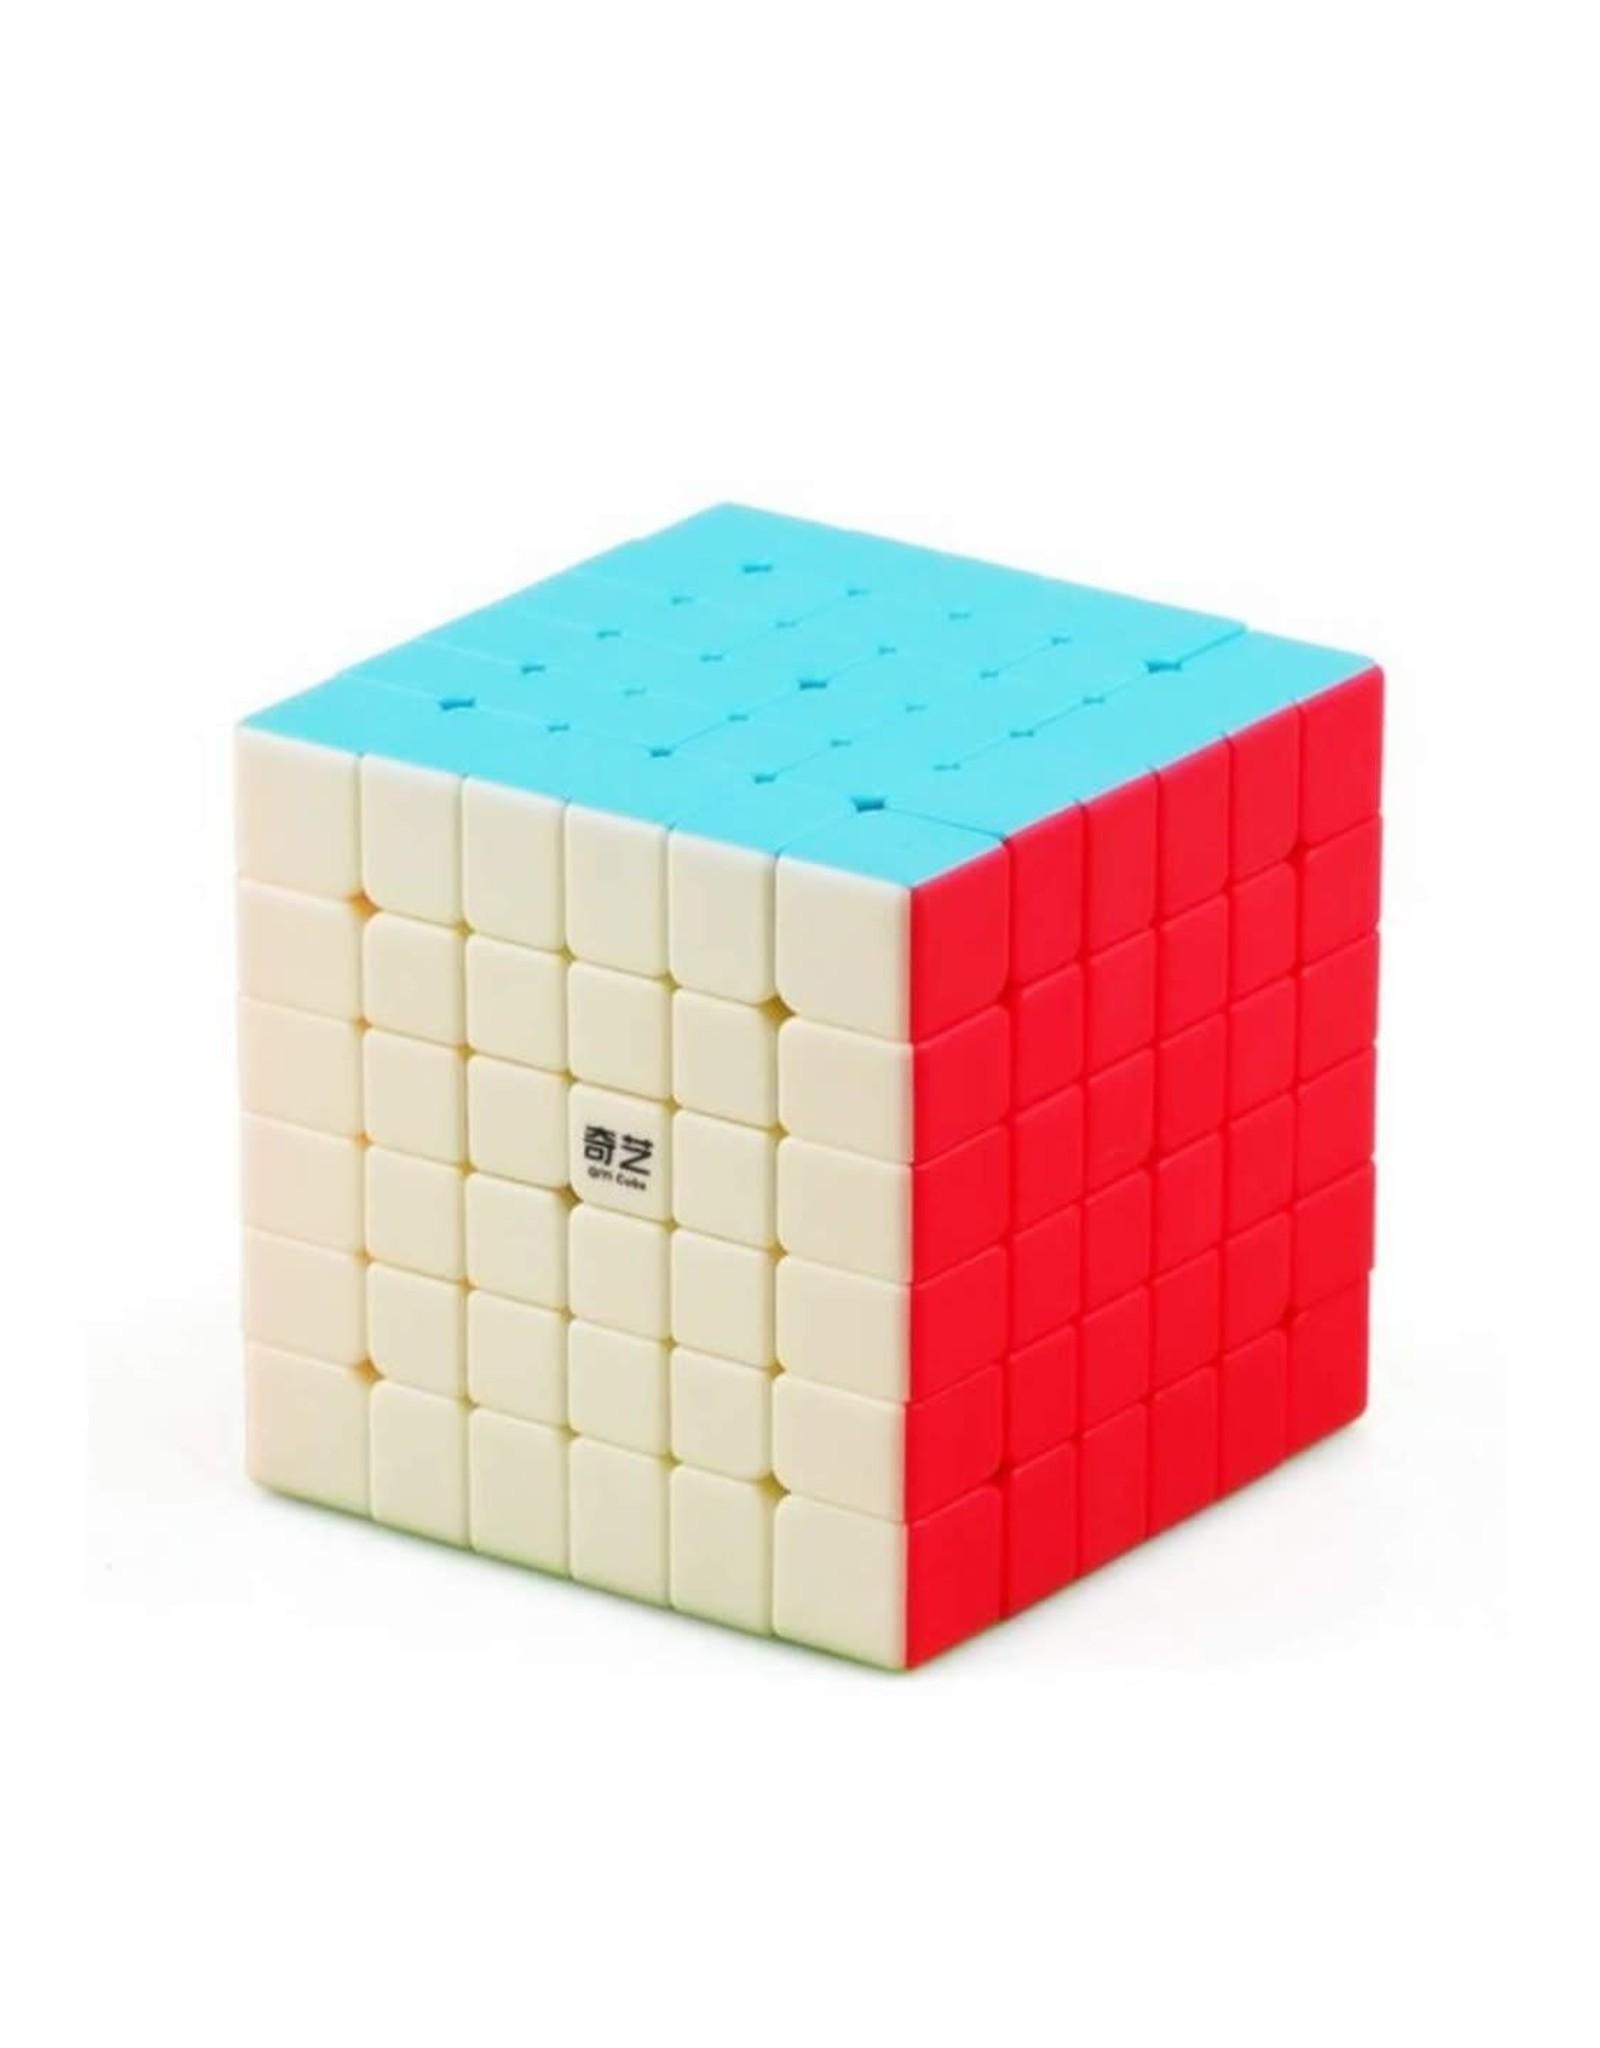 Speedcube 6x6 (QiYi)